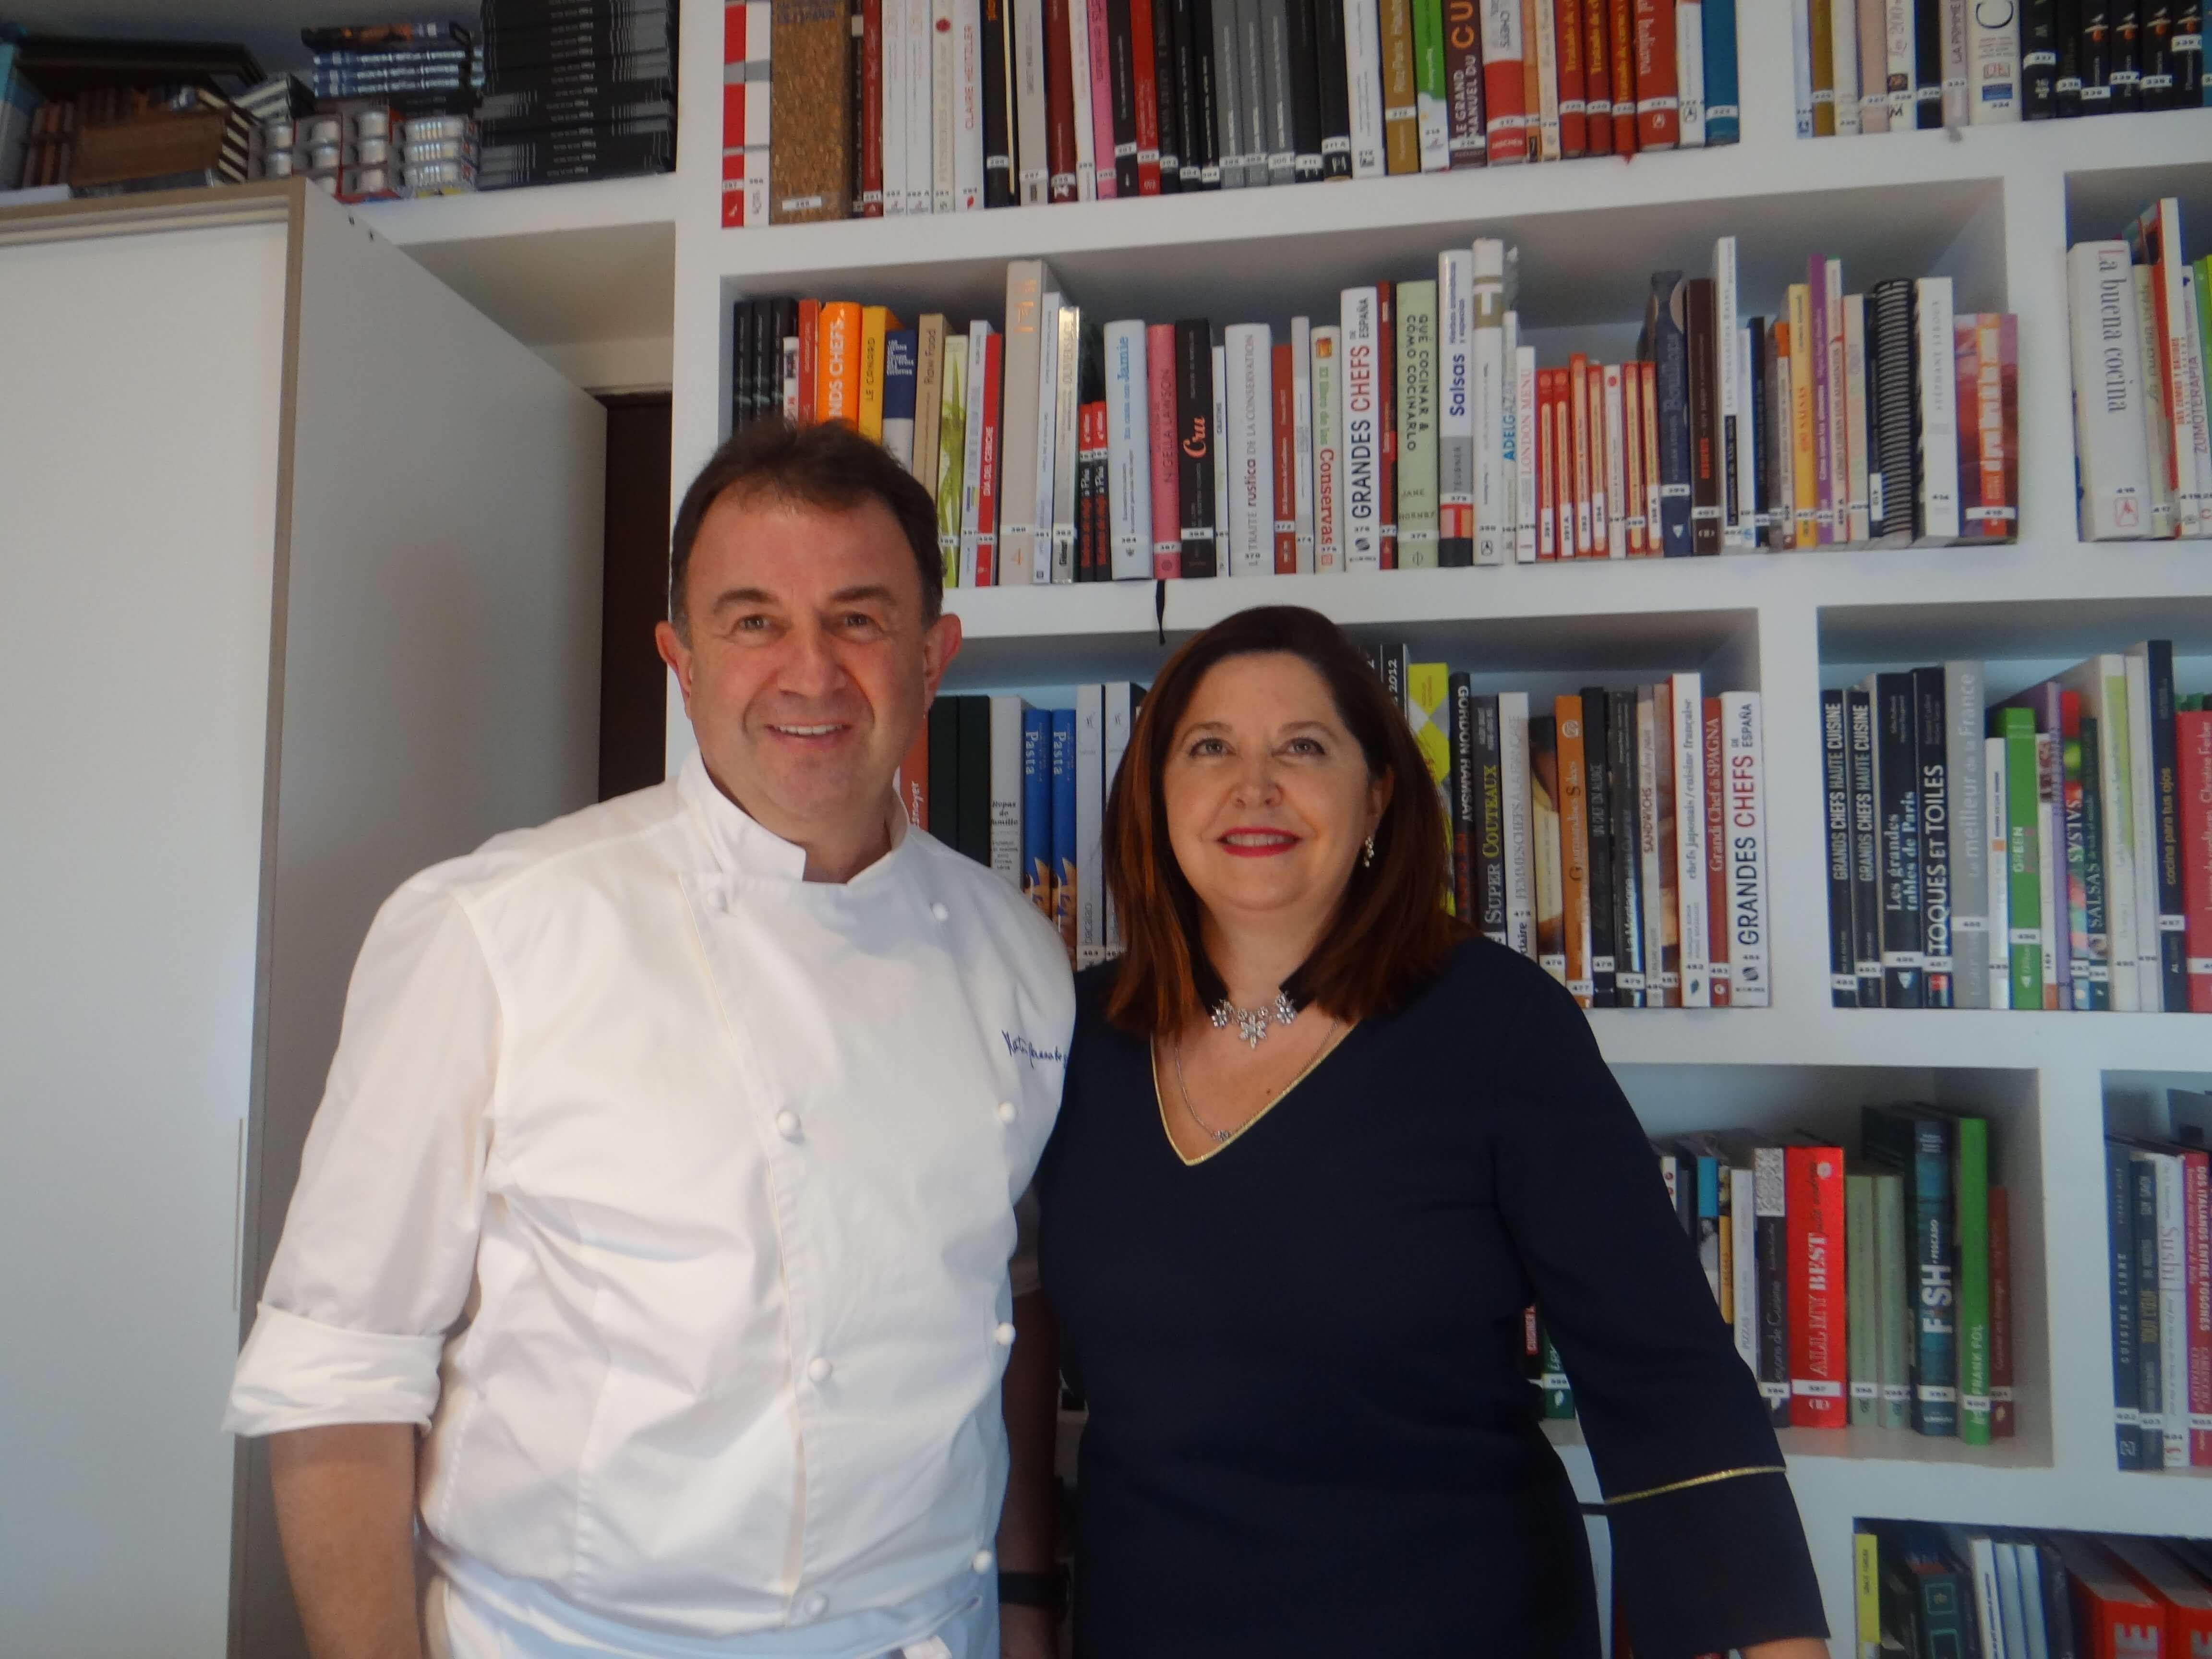 Fotografia Ana Toribio con Martín Berasategui